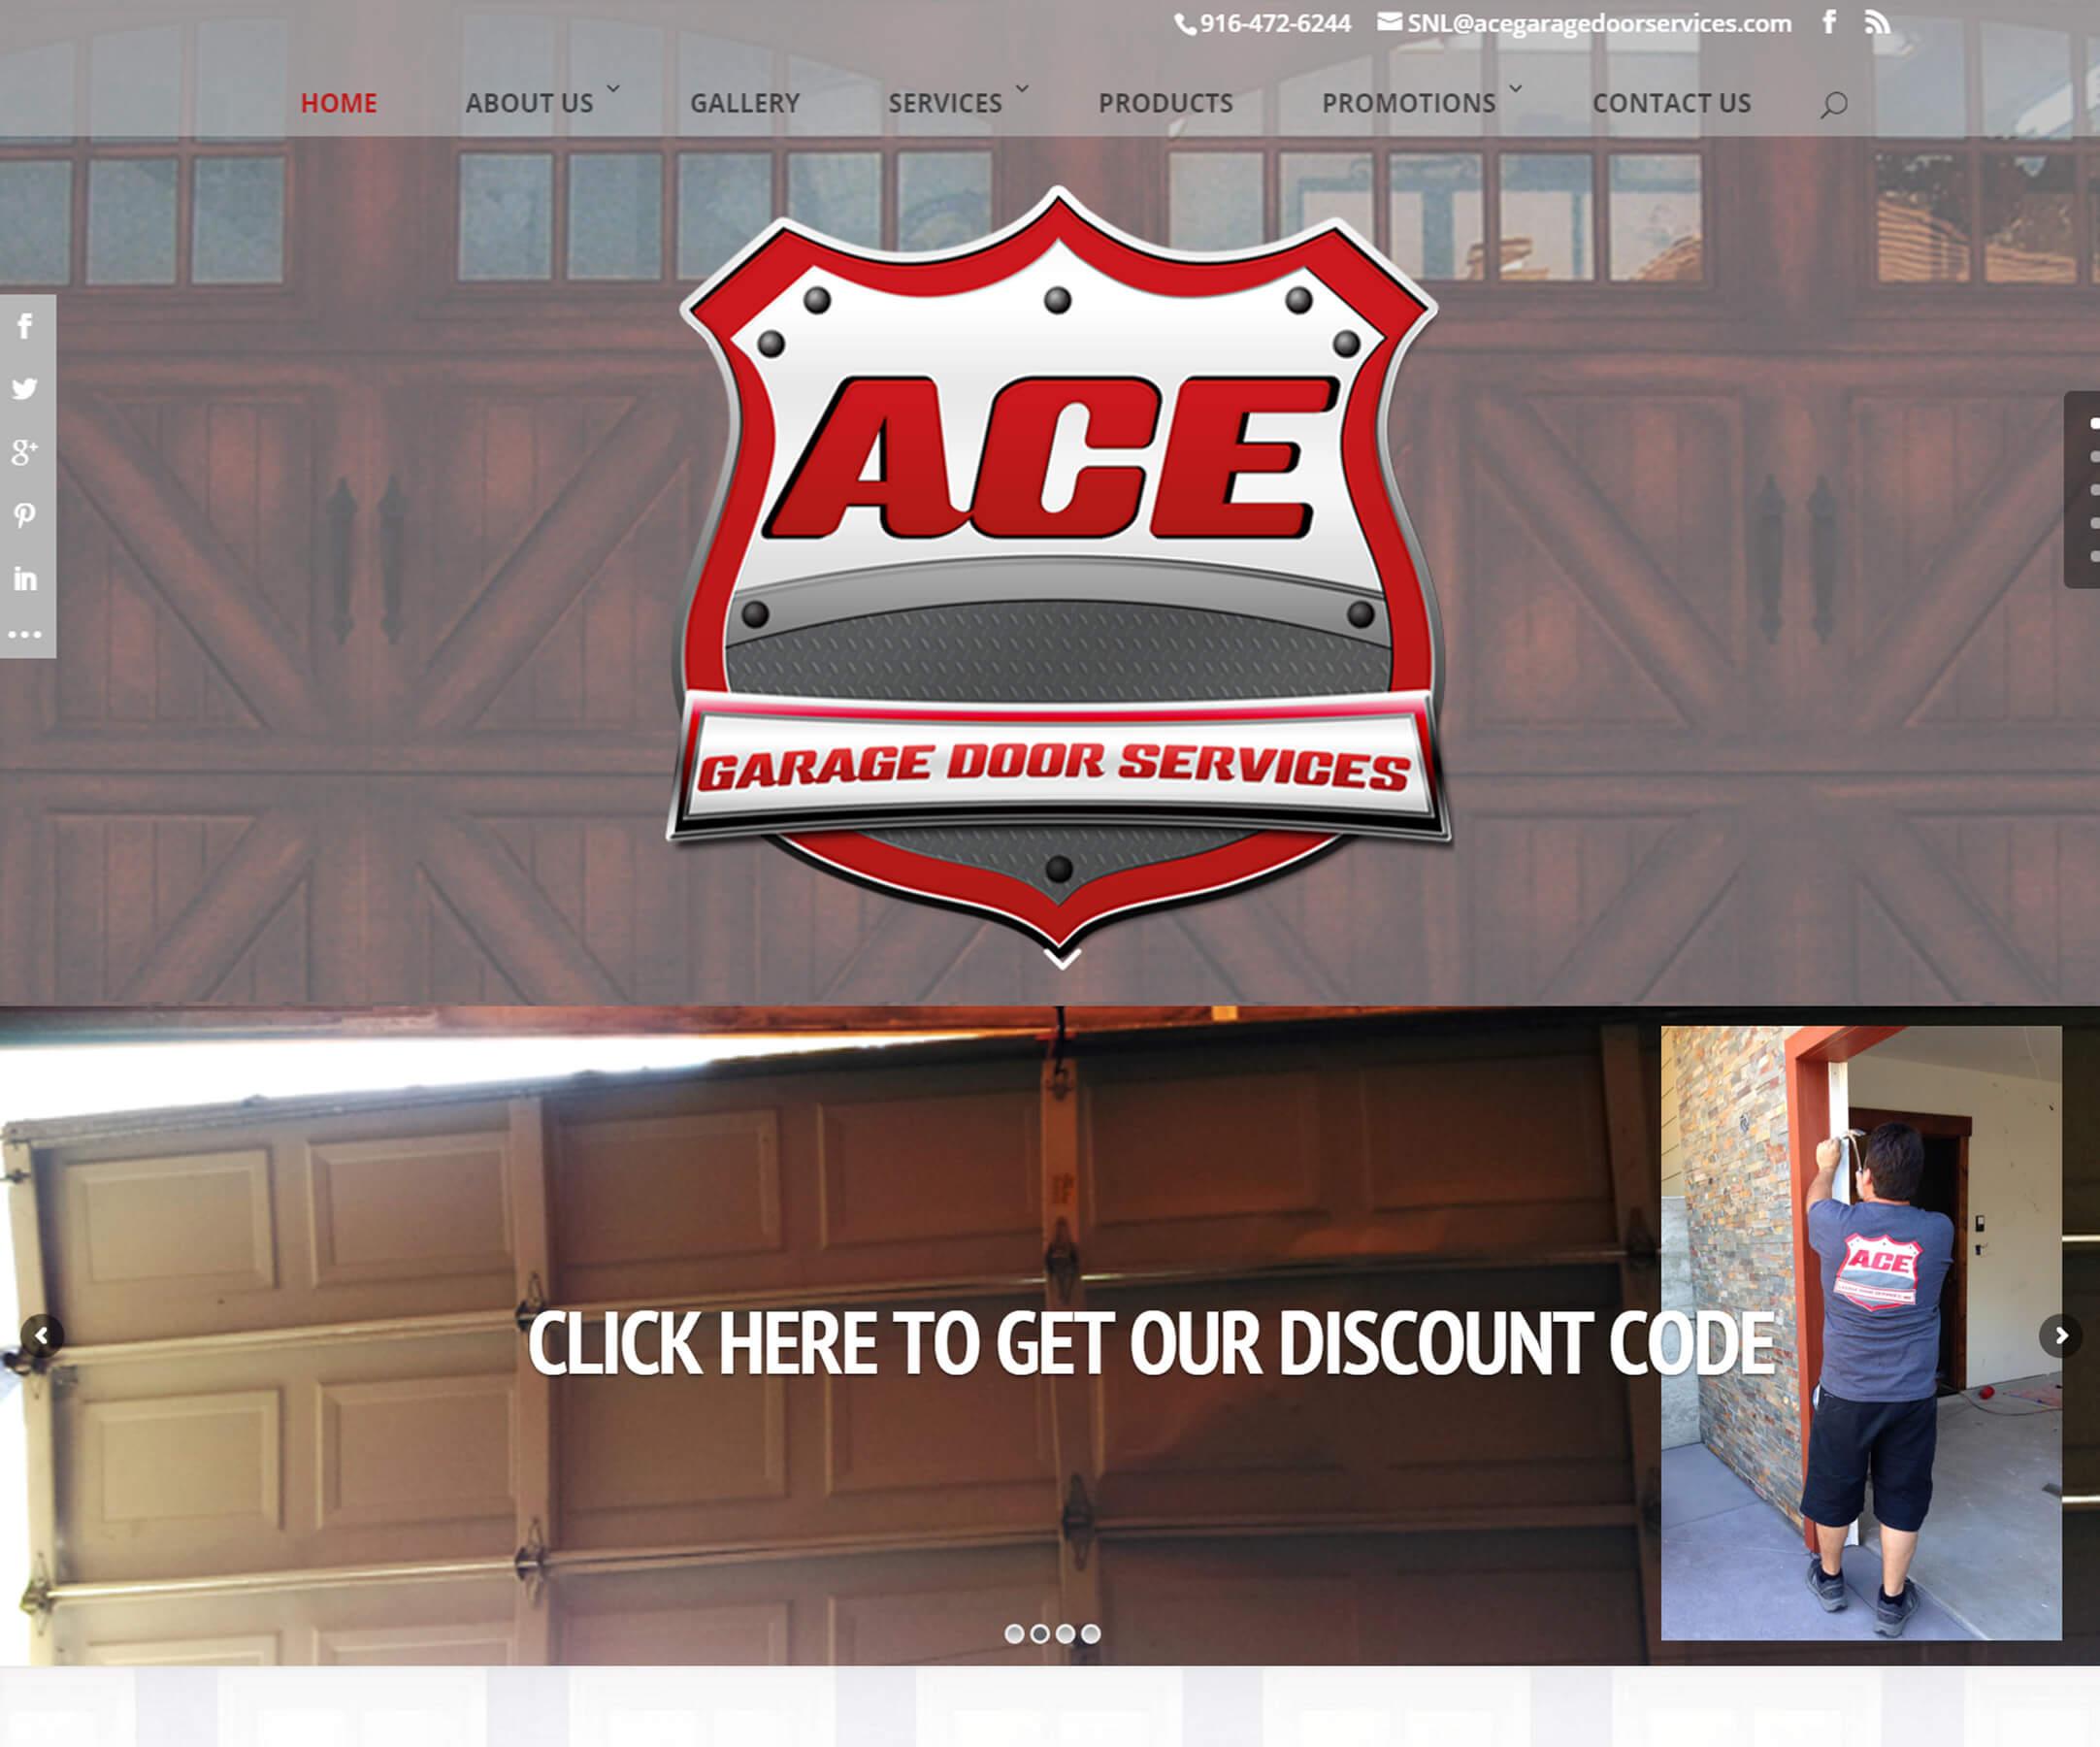 Ace Garage Doors website design by FossMG 02-2015